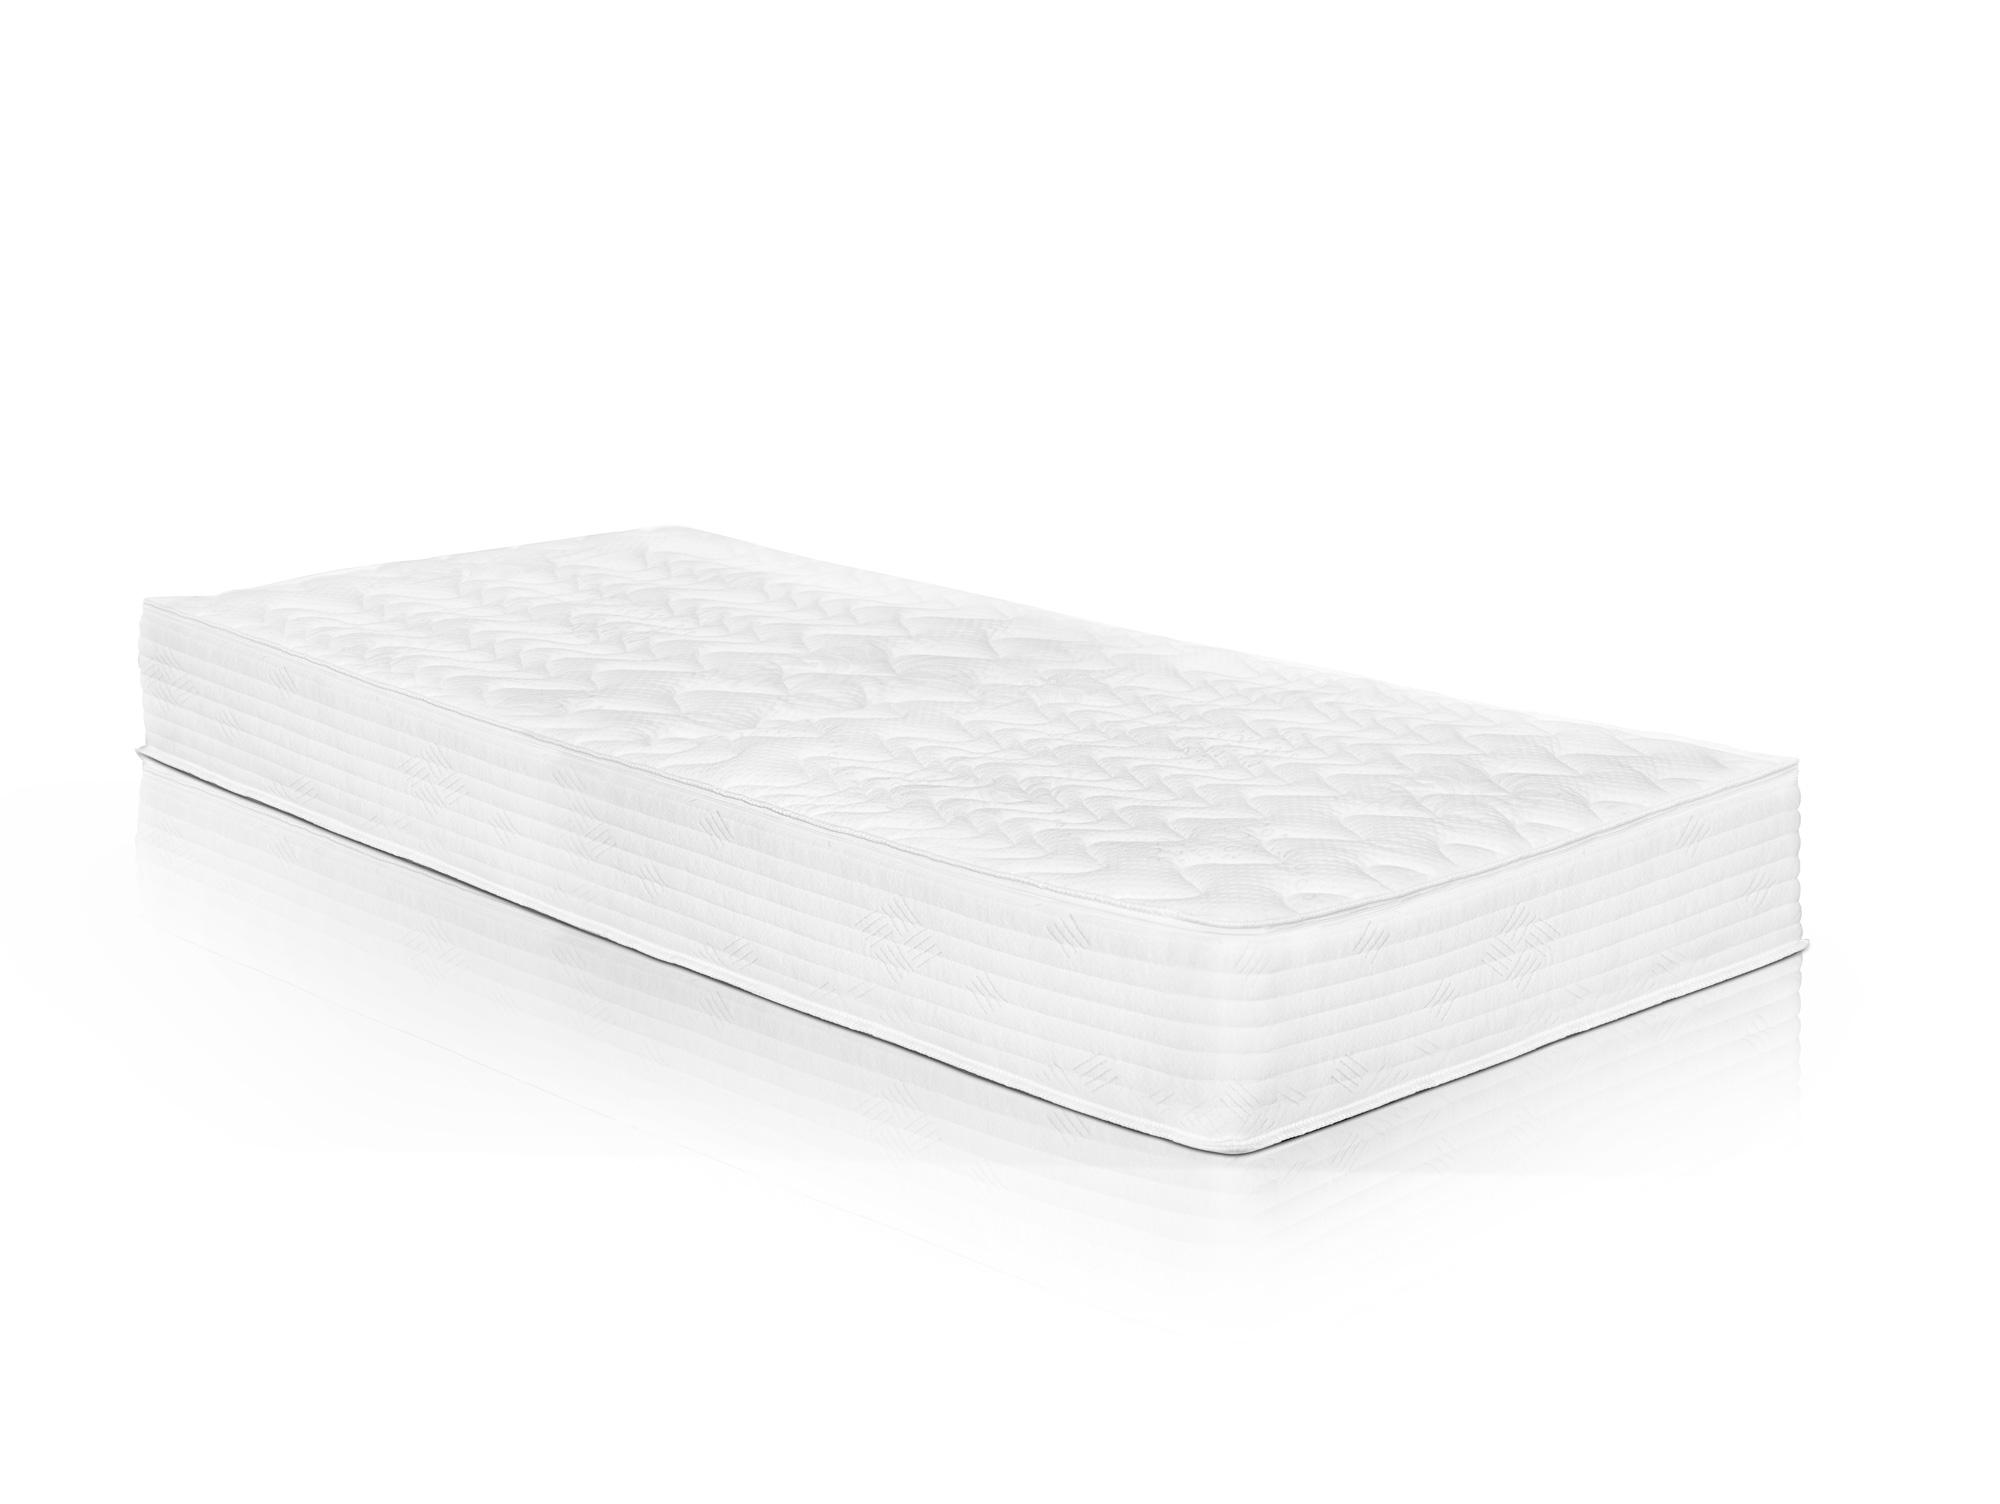 m eins kaltschaummatratze 7 zonen 90 x 200 cm h rtegrad 2. Black Bedroom Furniture Sets. Home Design Ideas